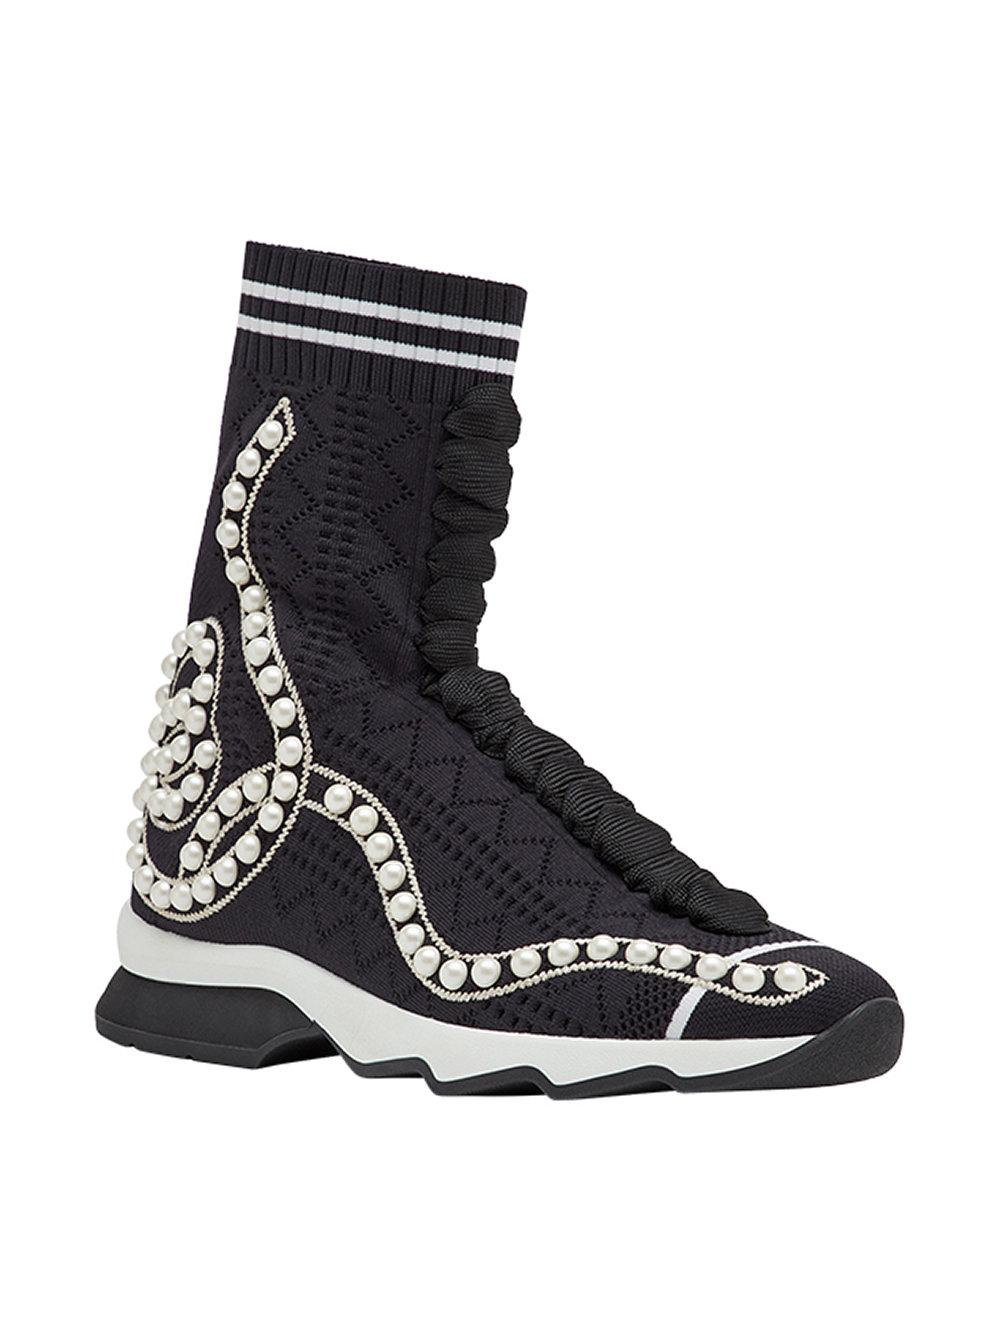 Fendi Synthetic Open Knit Sneakers in Black